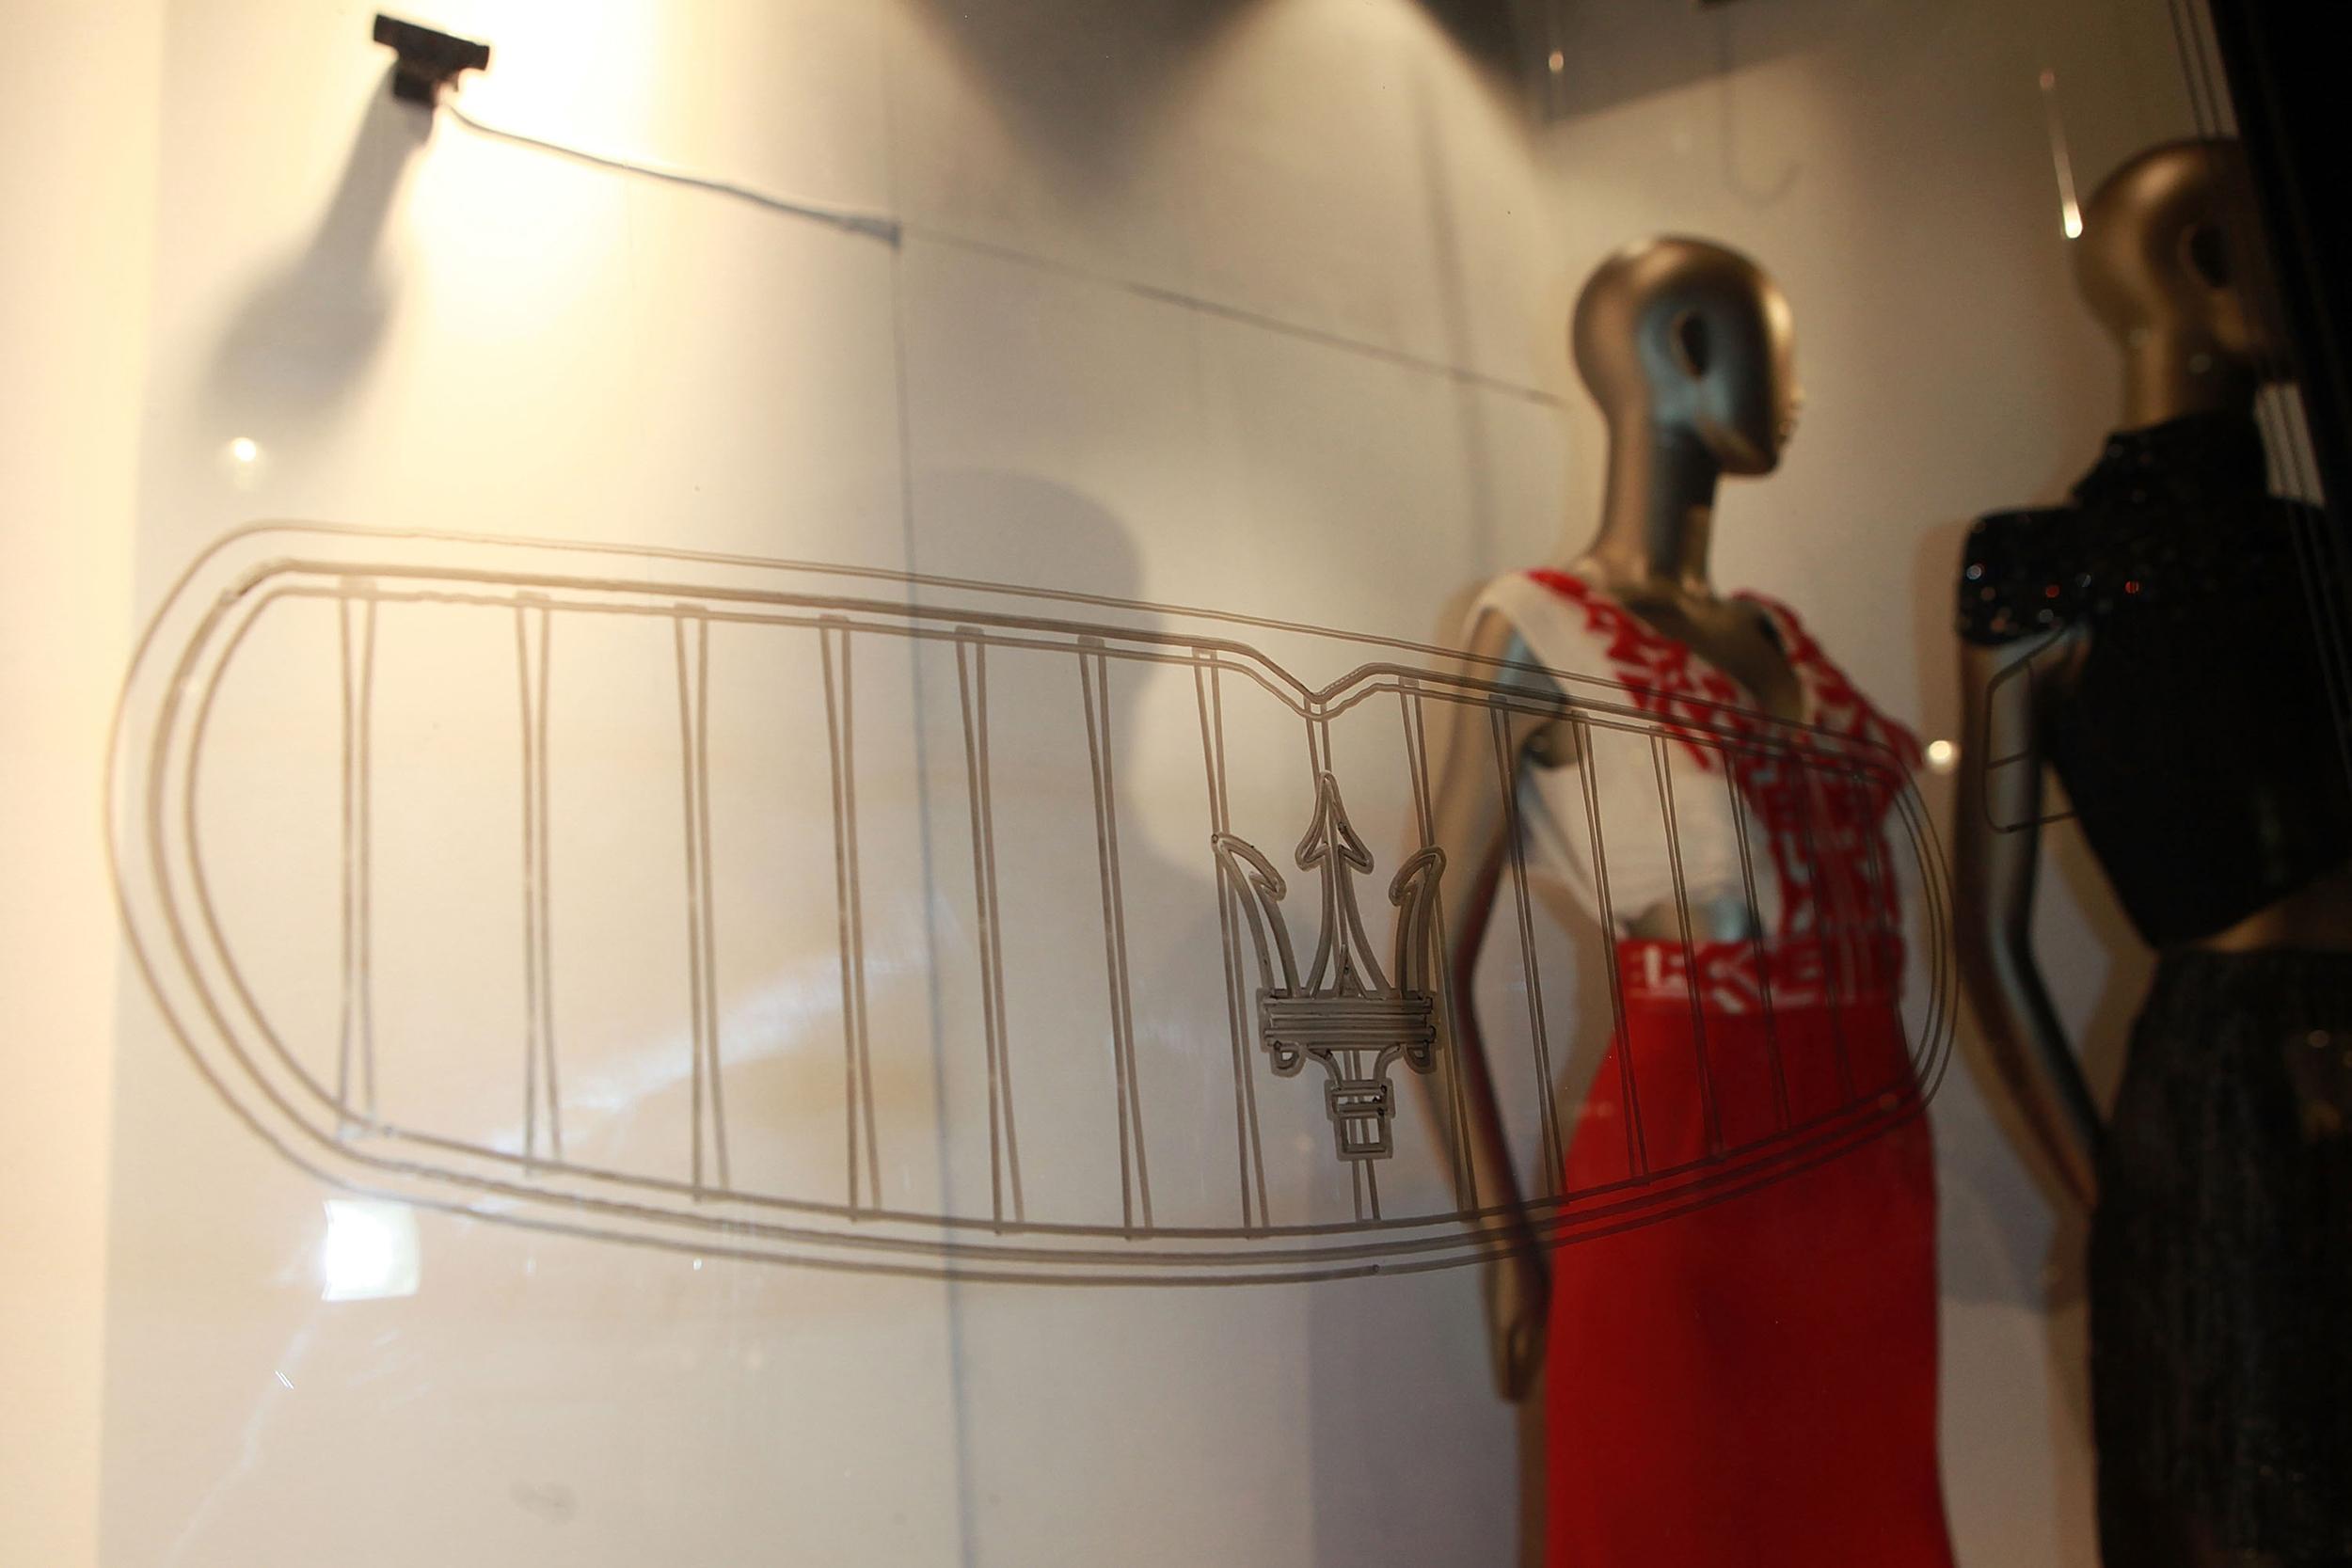 Maserati window display in Liberty London